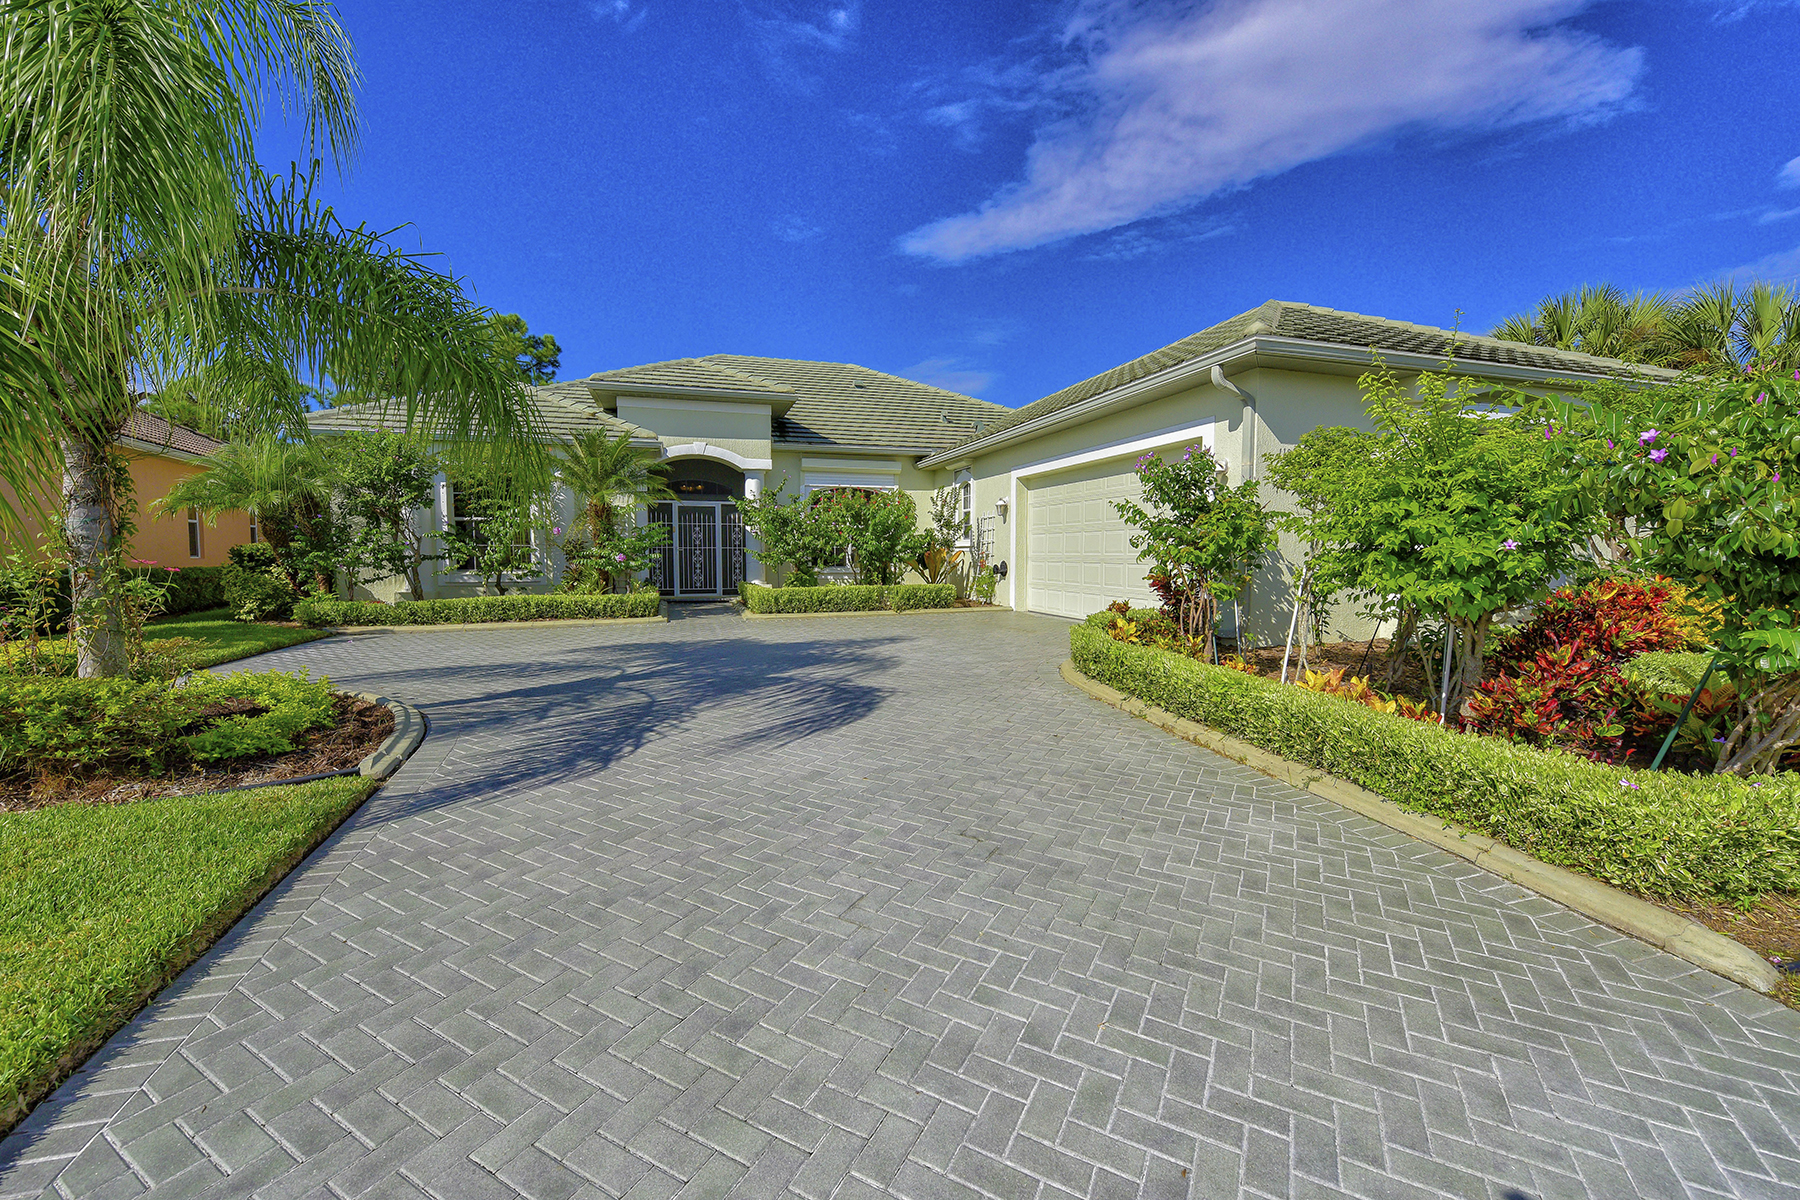 独户住宅 为 销售 在 PELICAN POINTE 1188 Tuscany Blvd Venice, 佛罗里达州 34292 美国